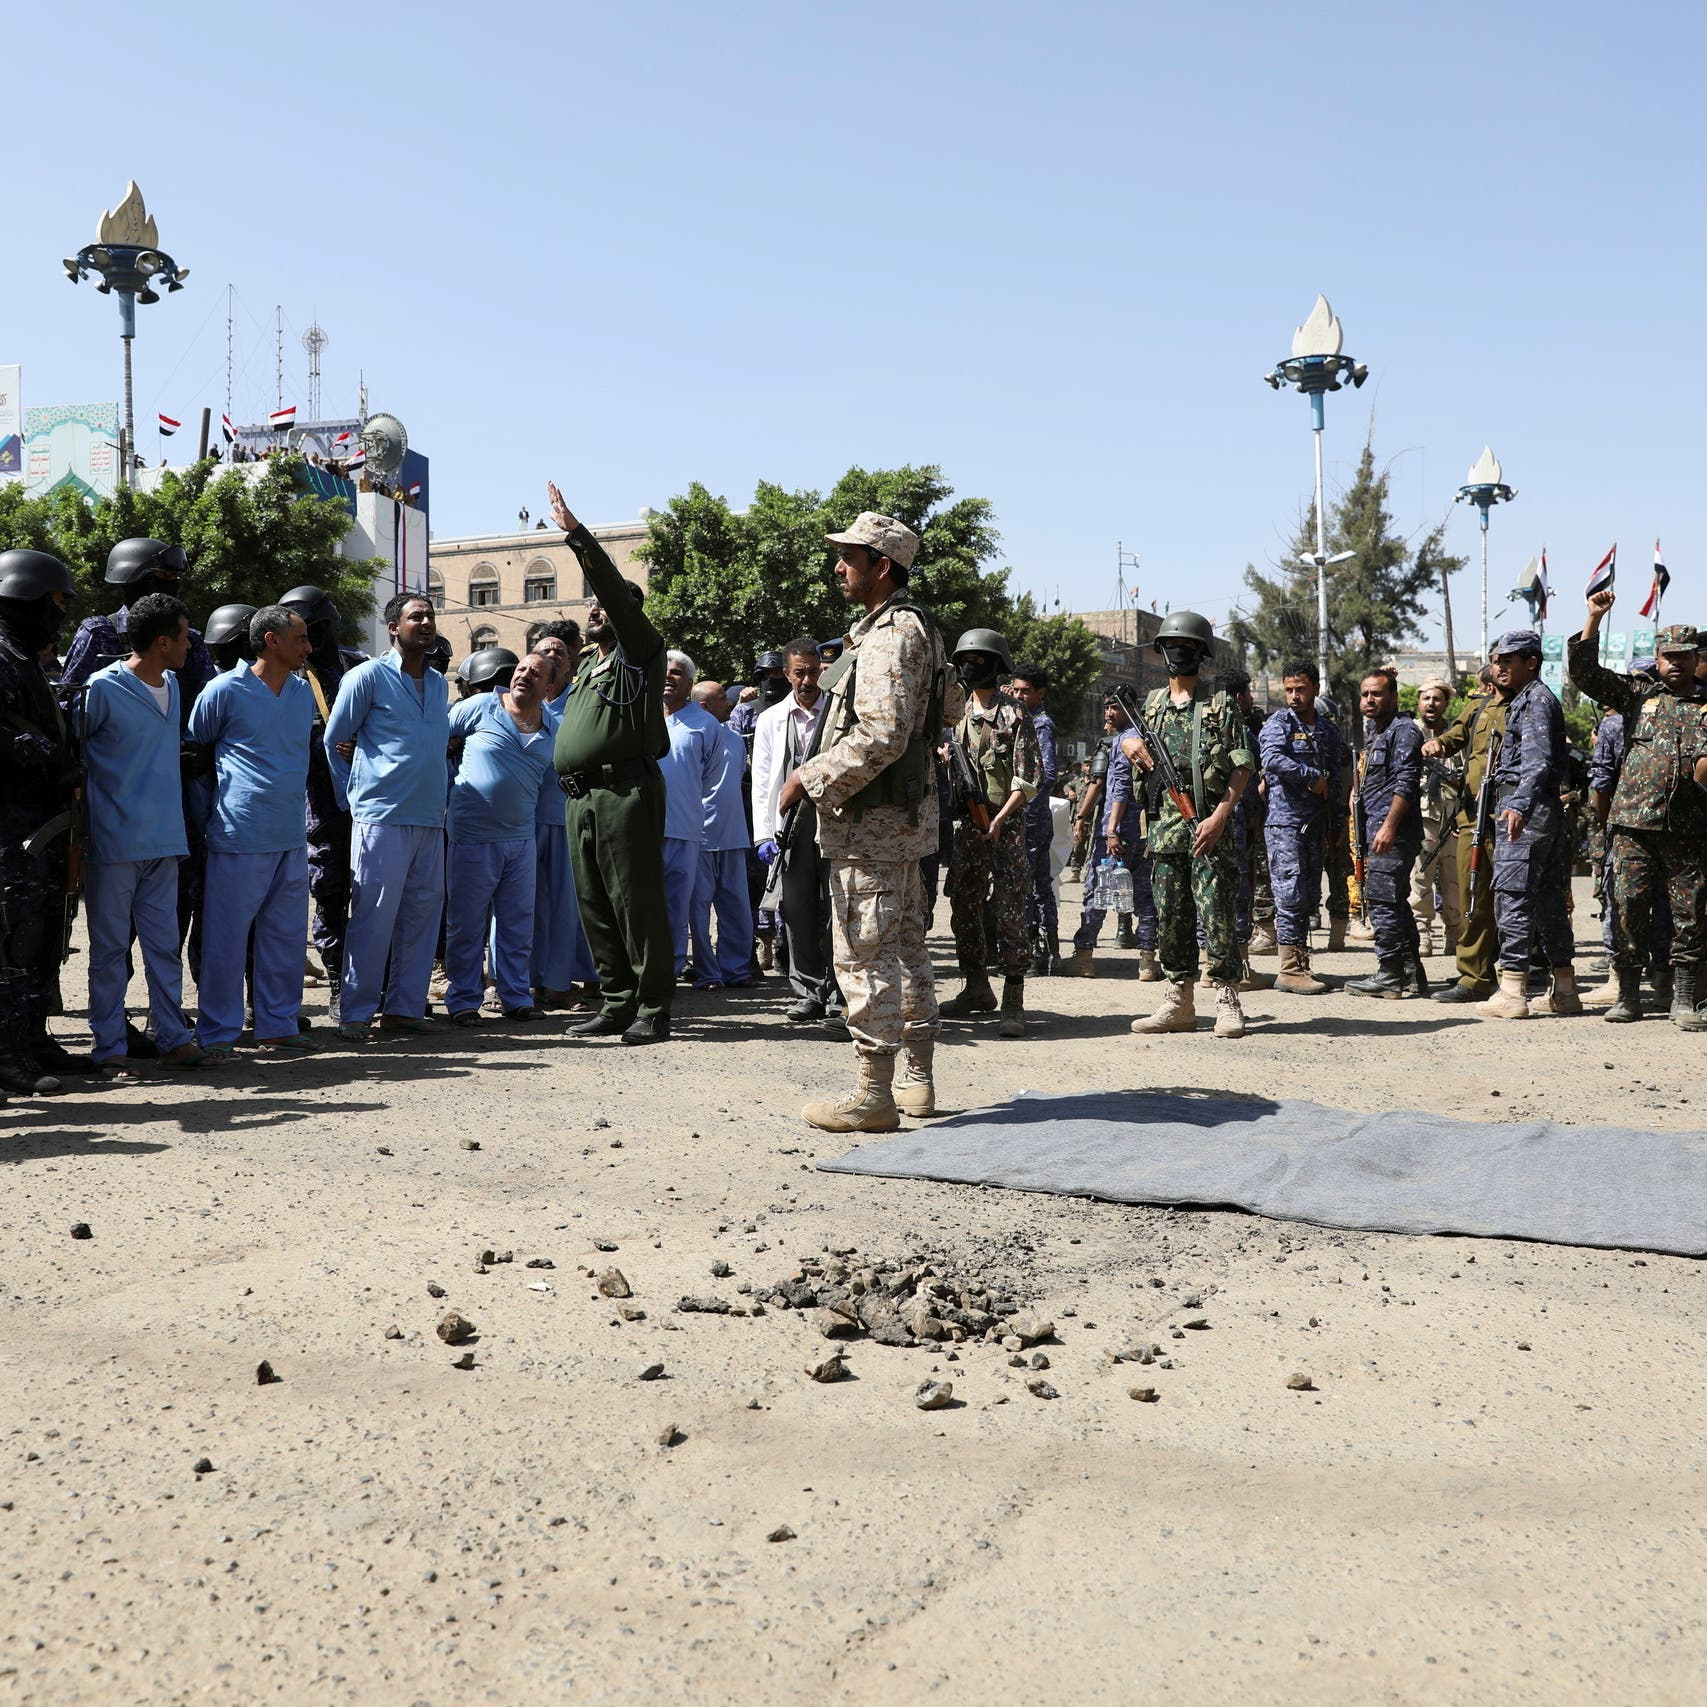 لم يكتفوا بإعدامهم.. الحوثي يلاحق أهالي مذبحة سبتمبر